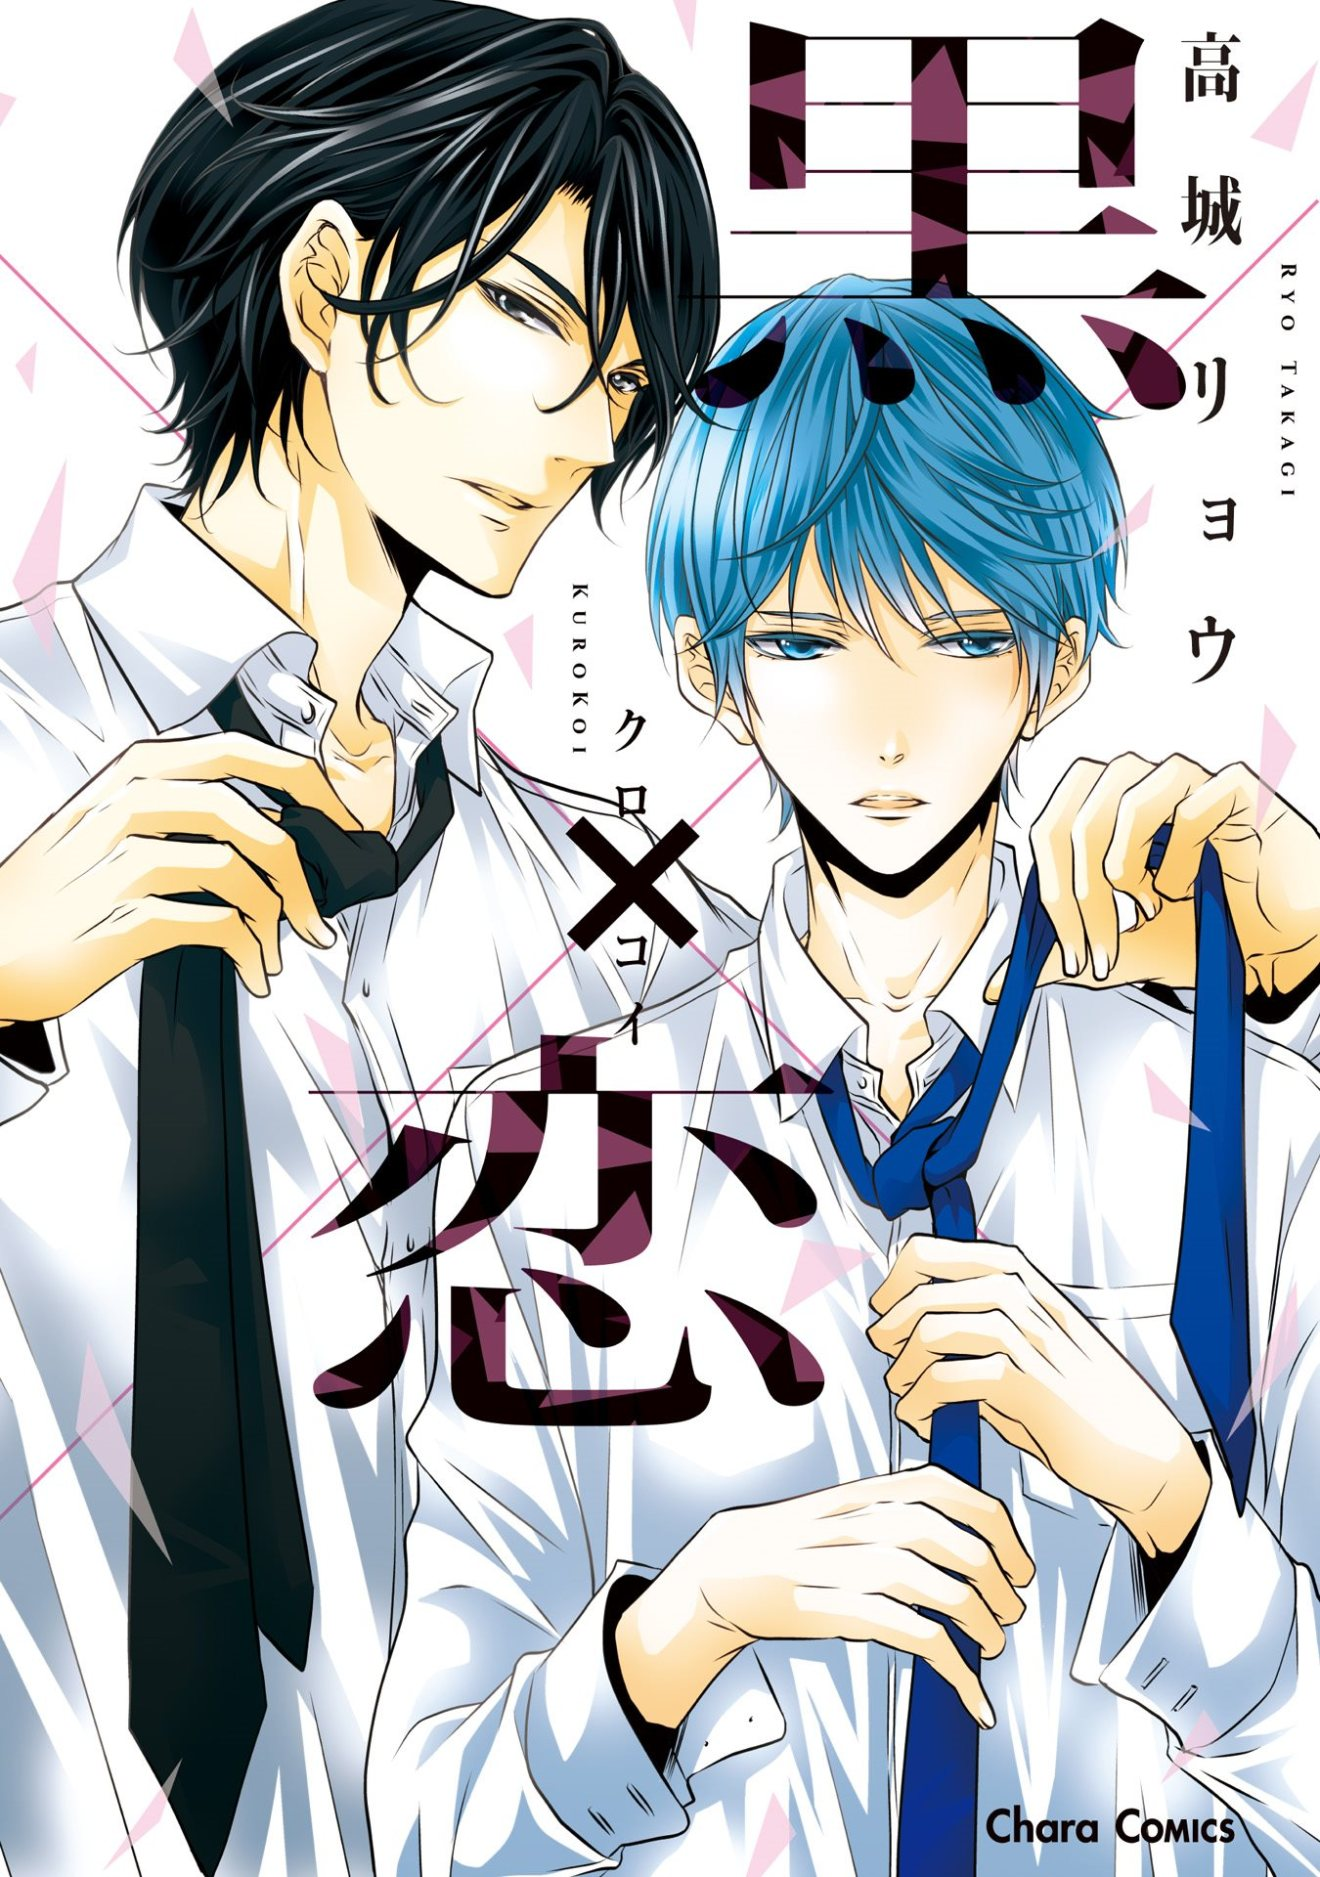 Kuro x Koi Cover